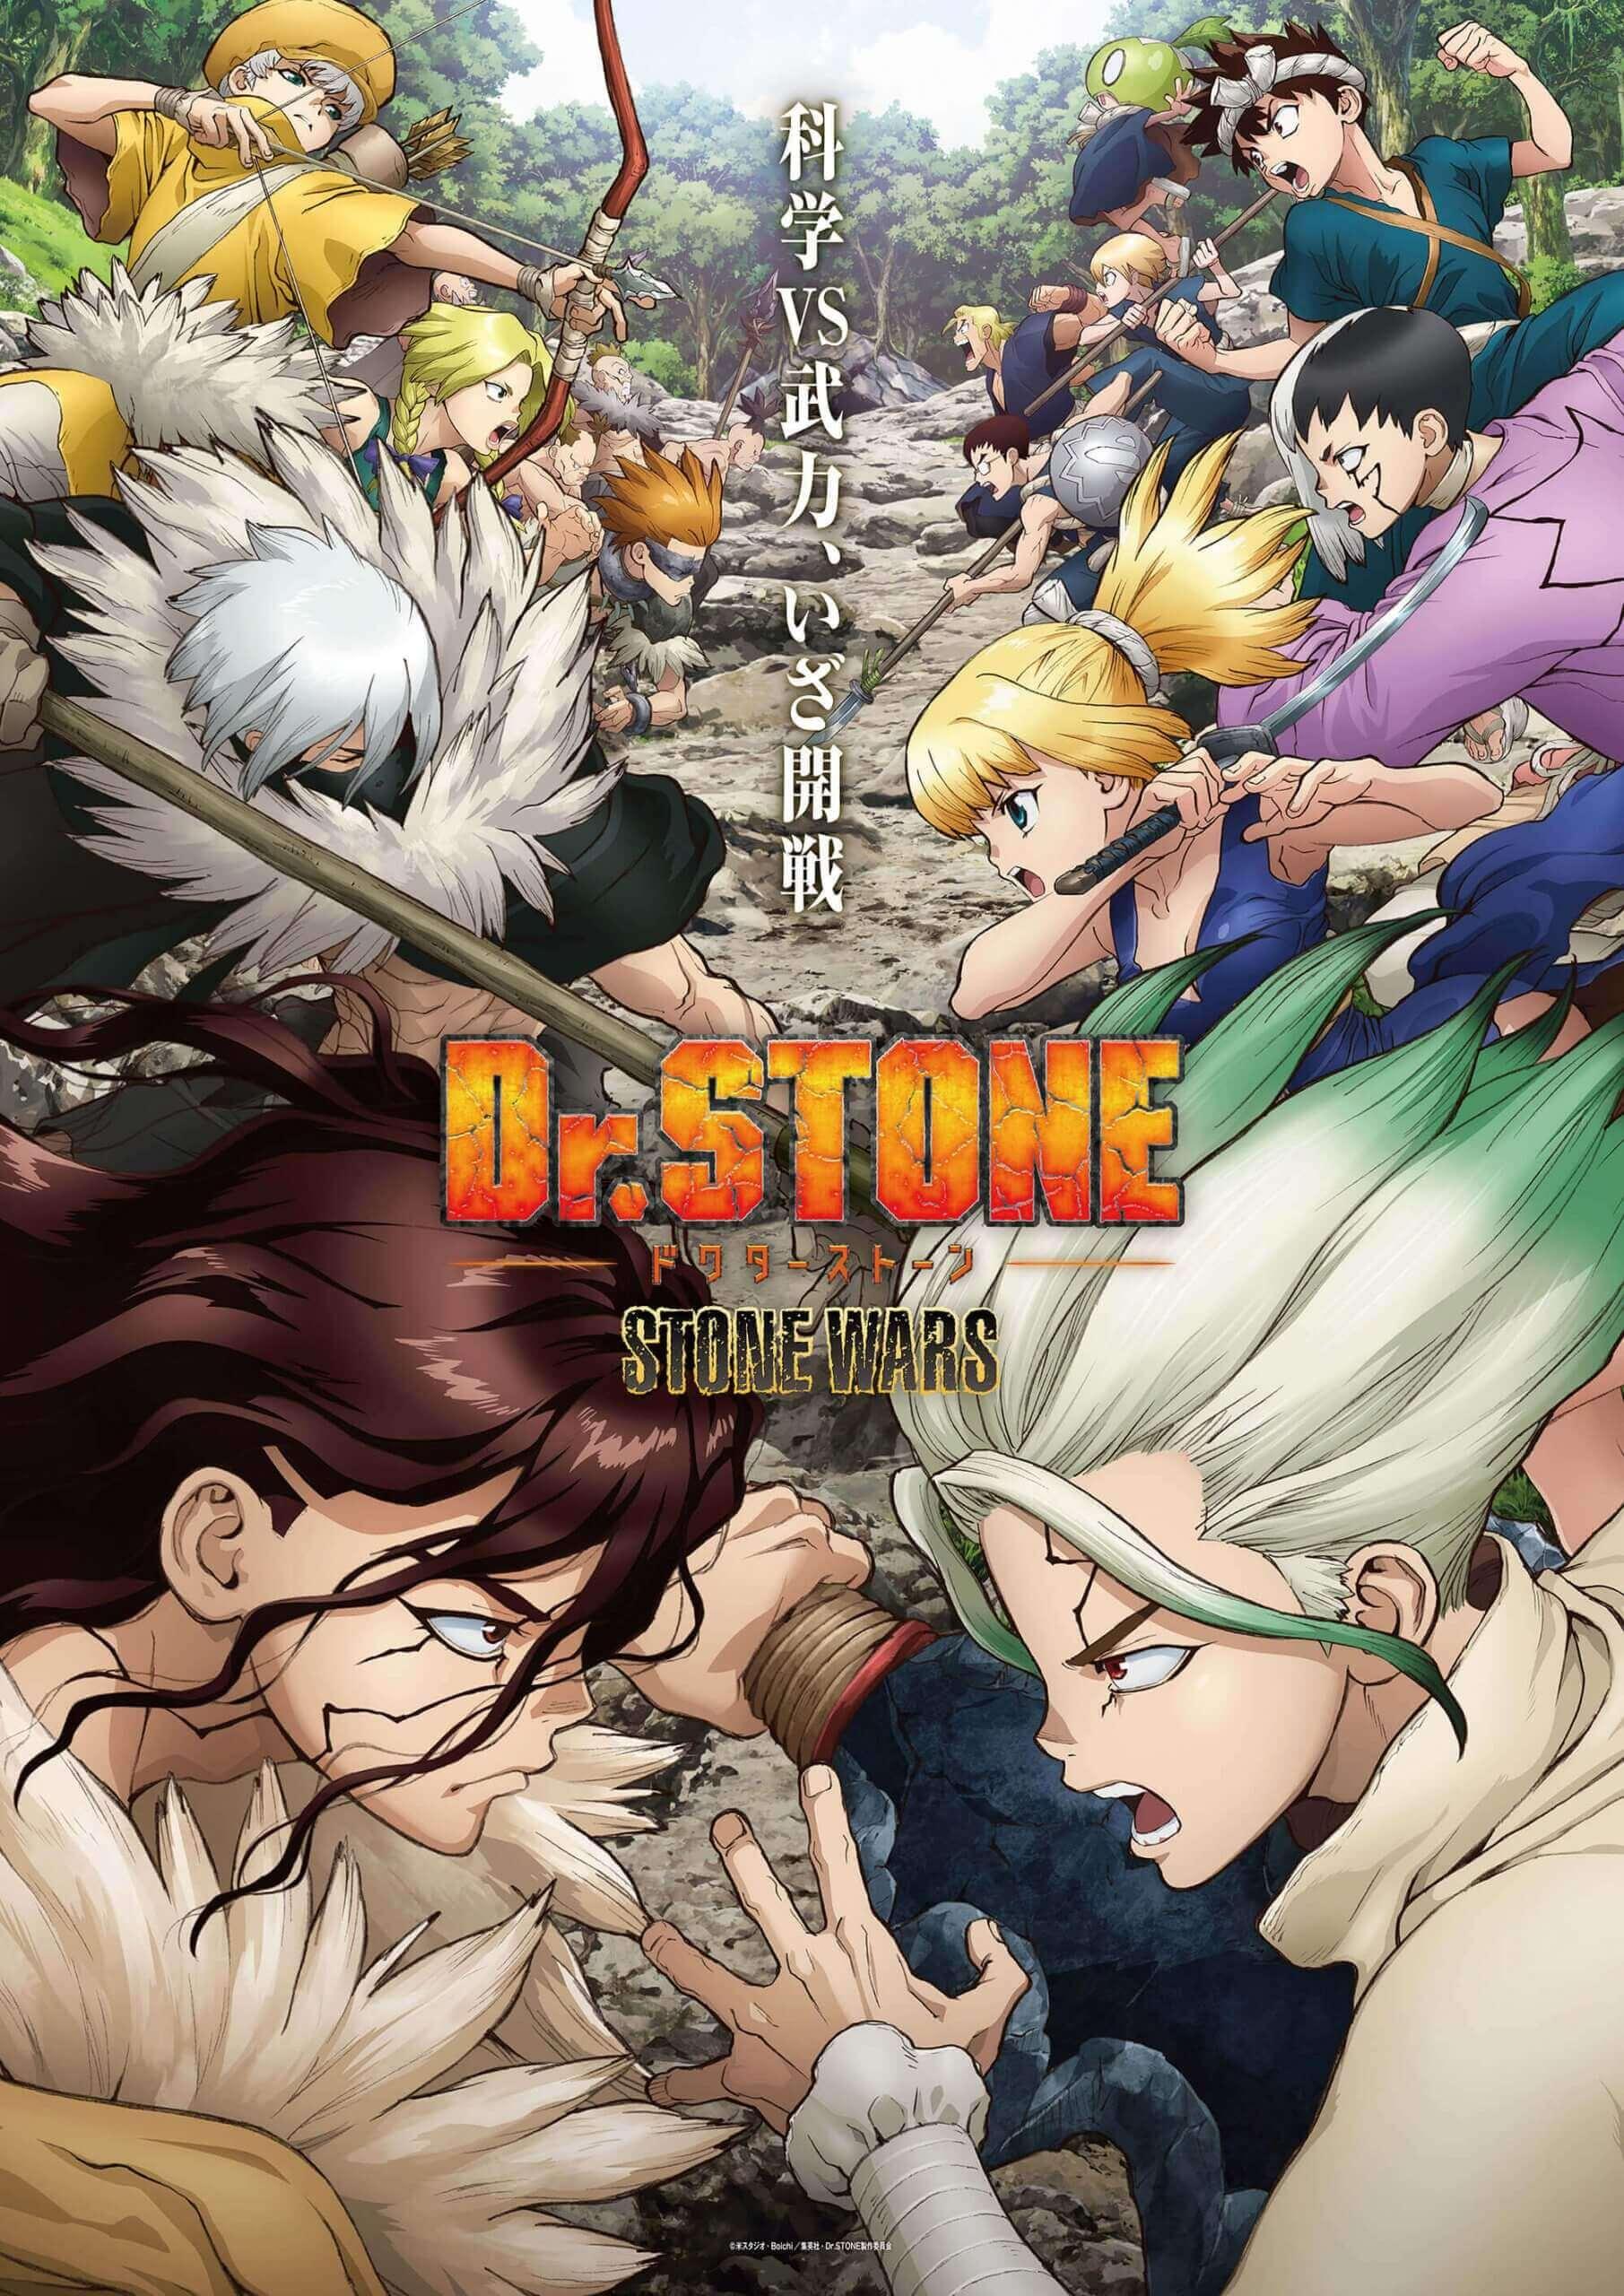 Nueva imagen promocional de Dr. Stone: Stone Wars